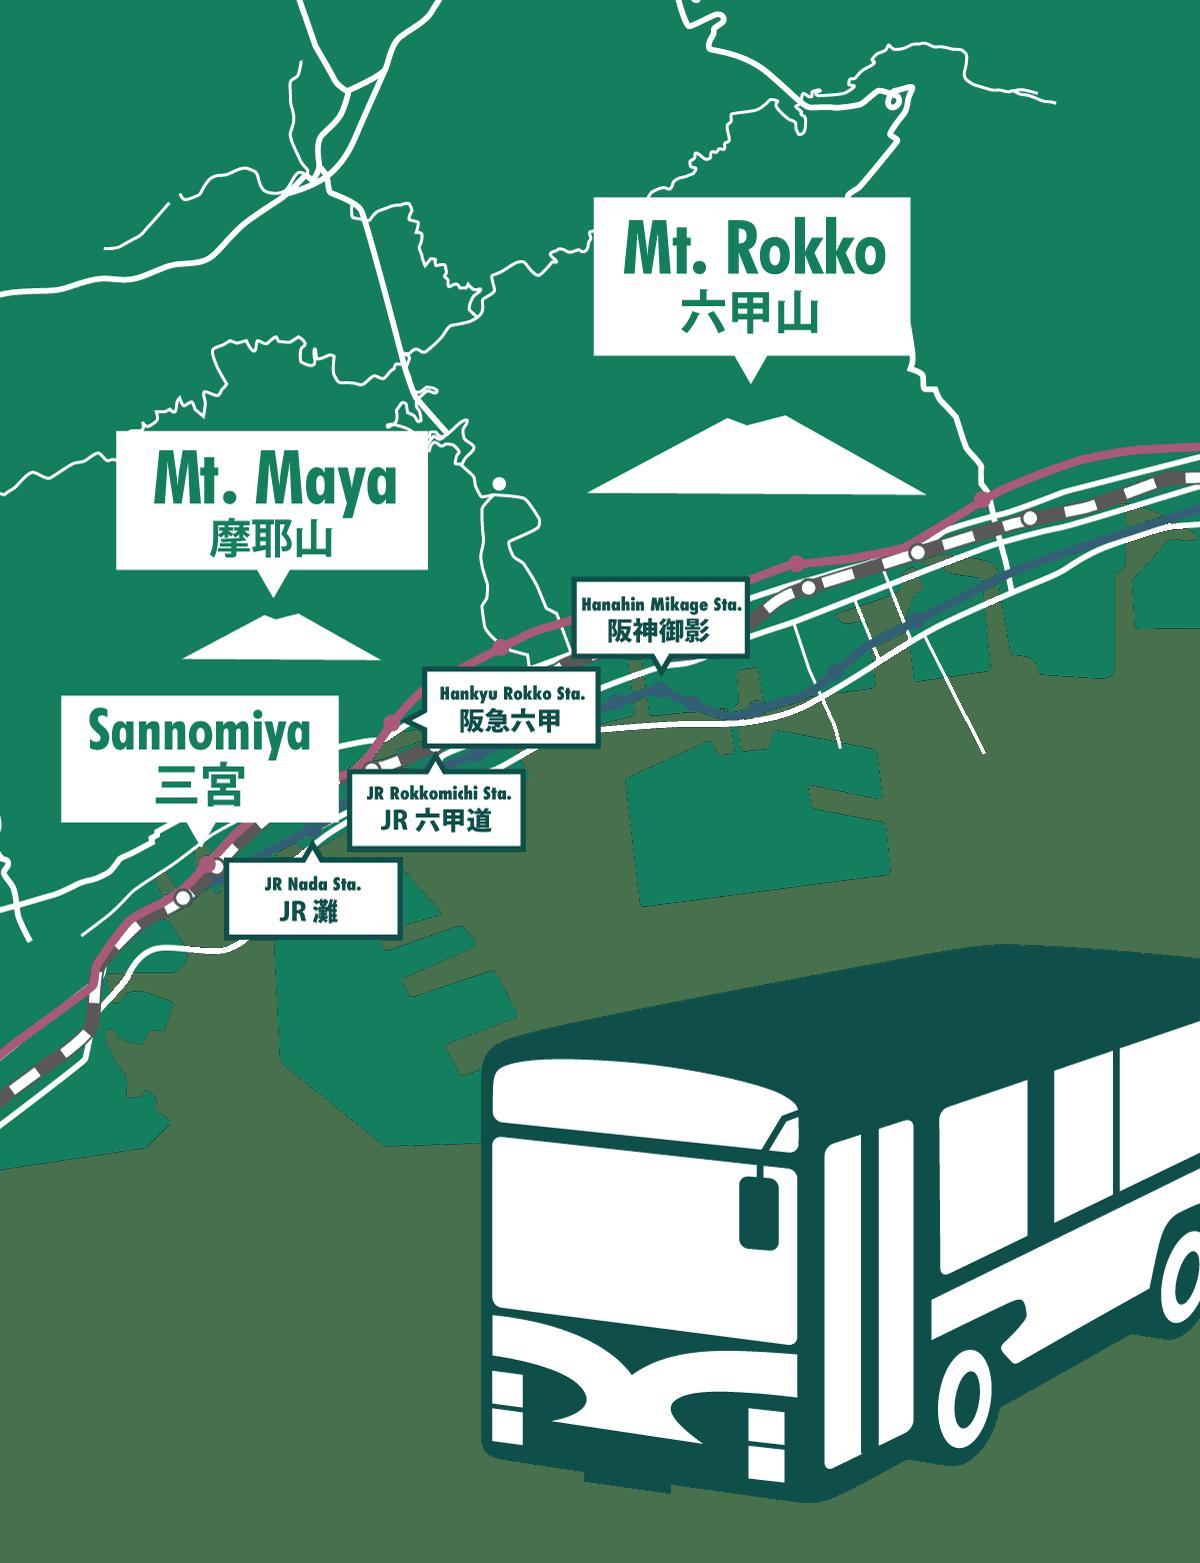 六甲山・摩耶山と神戸が地図とバスの絵です。